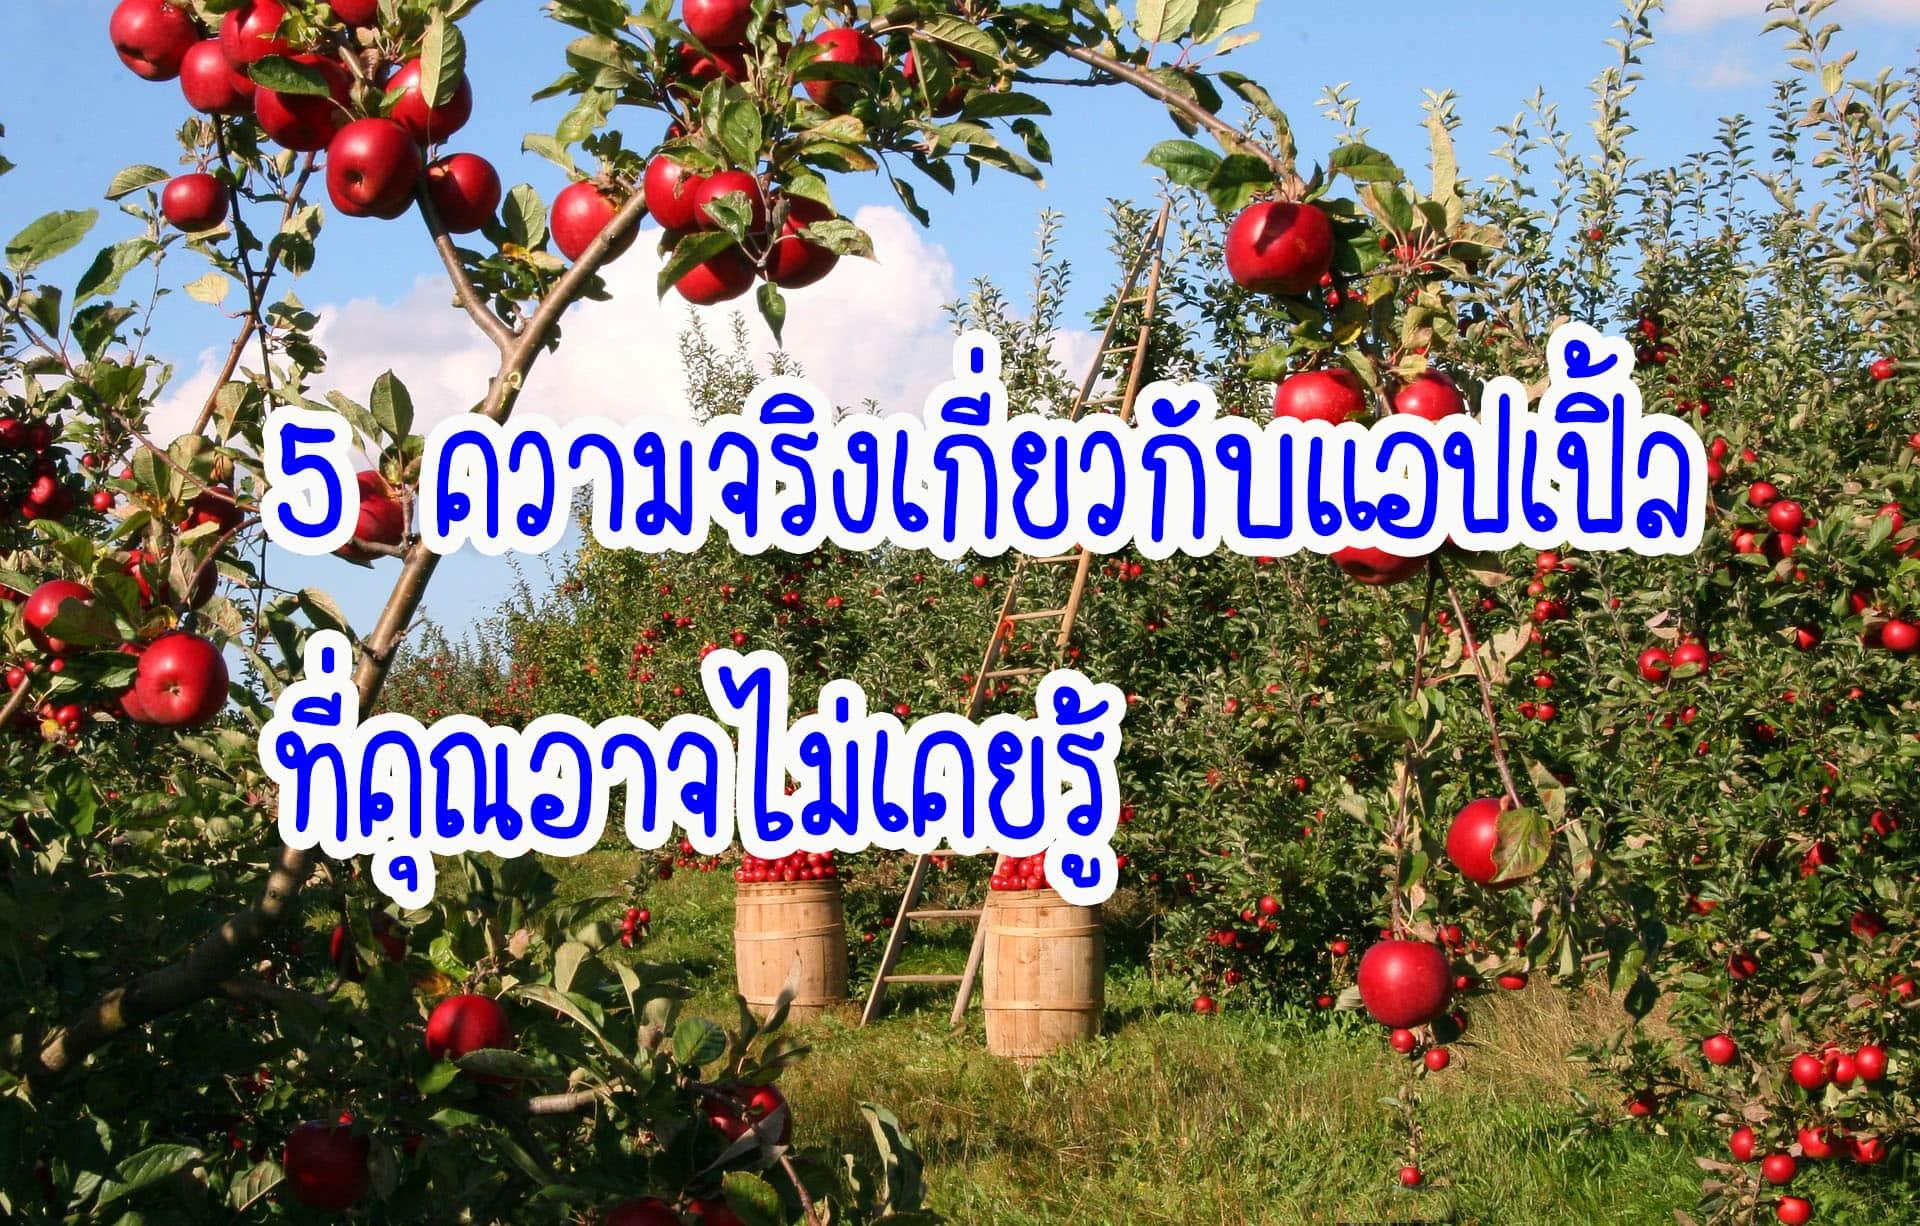 5 ความจริงเกี่ยวกับแอปเปิ้ลที่คุณอาจไม่เคยรู้